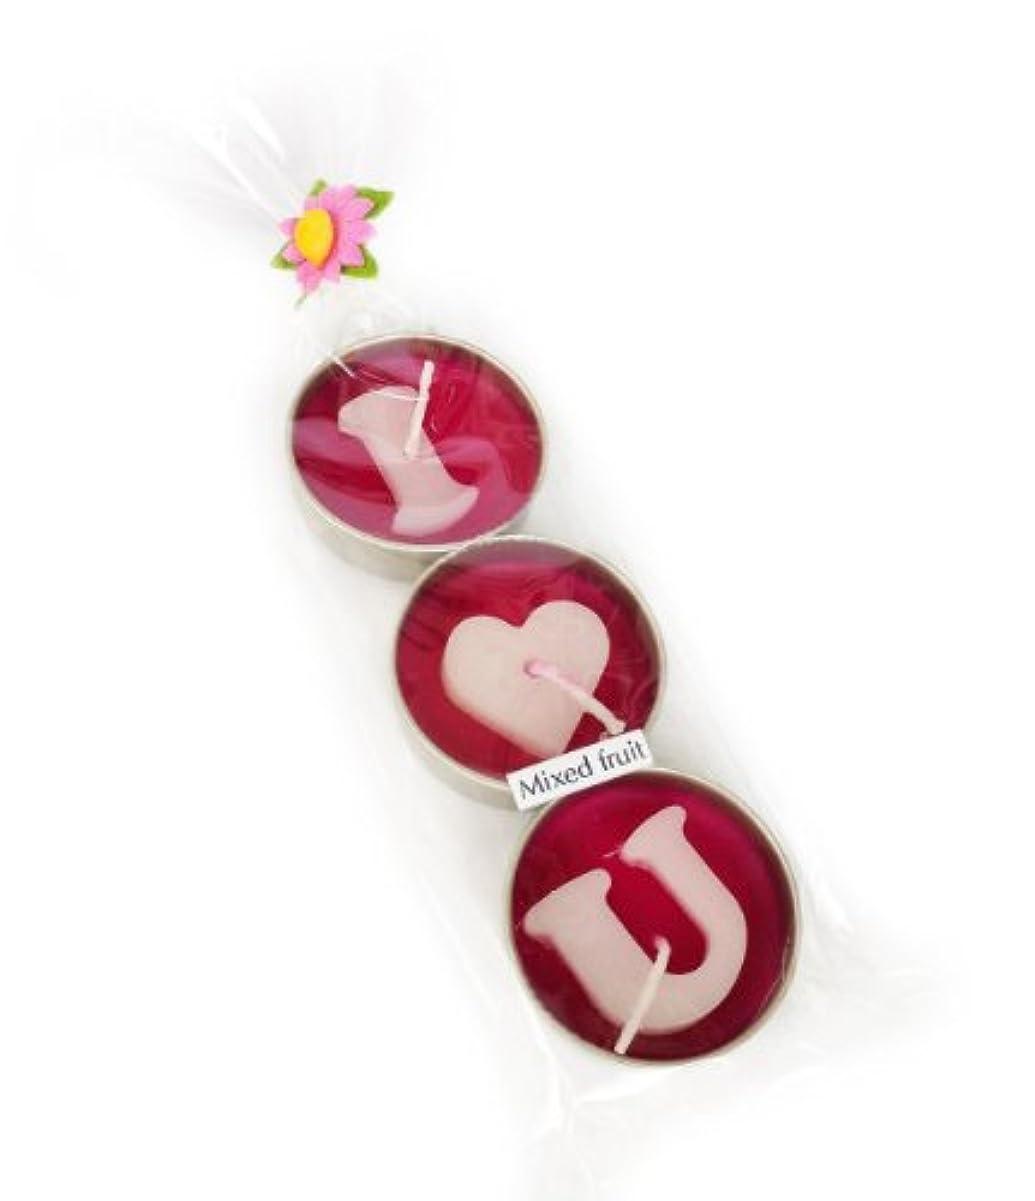 しかしながらコテージ悩みアロマキャンドル/ラブキャンドル/ILoveU/モーク/ロウソク/ろうそ/1パック3個入り/(1Pack  3pc I love U Candle) (Mixed Fruit)